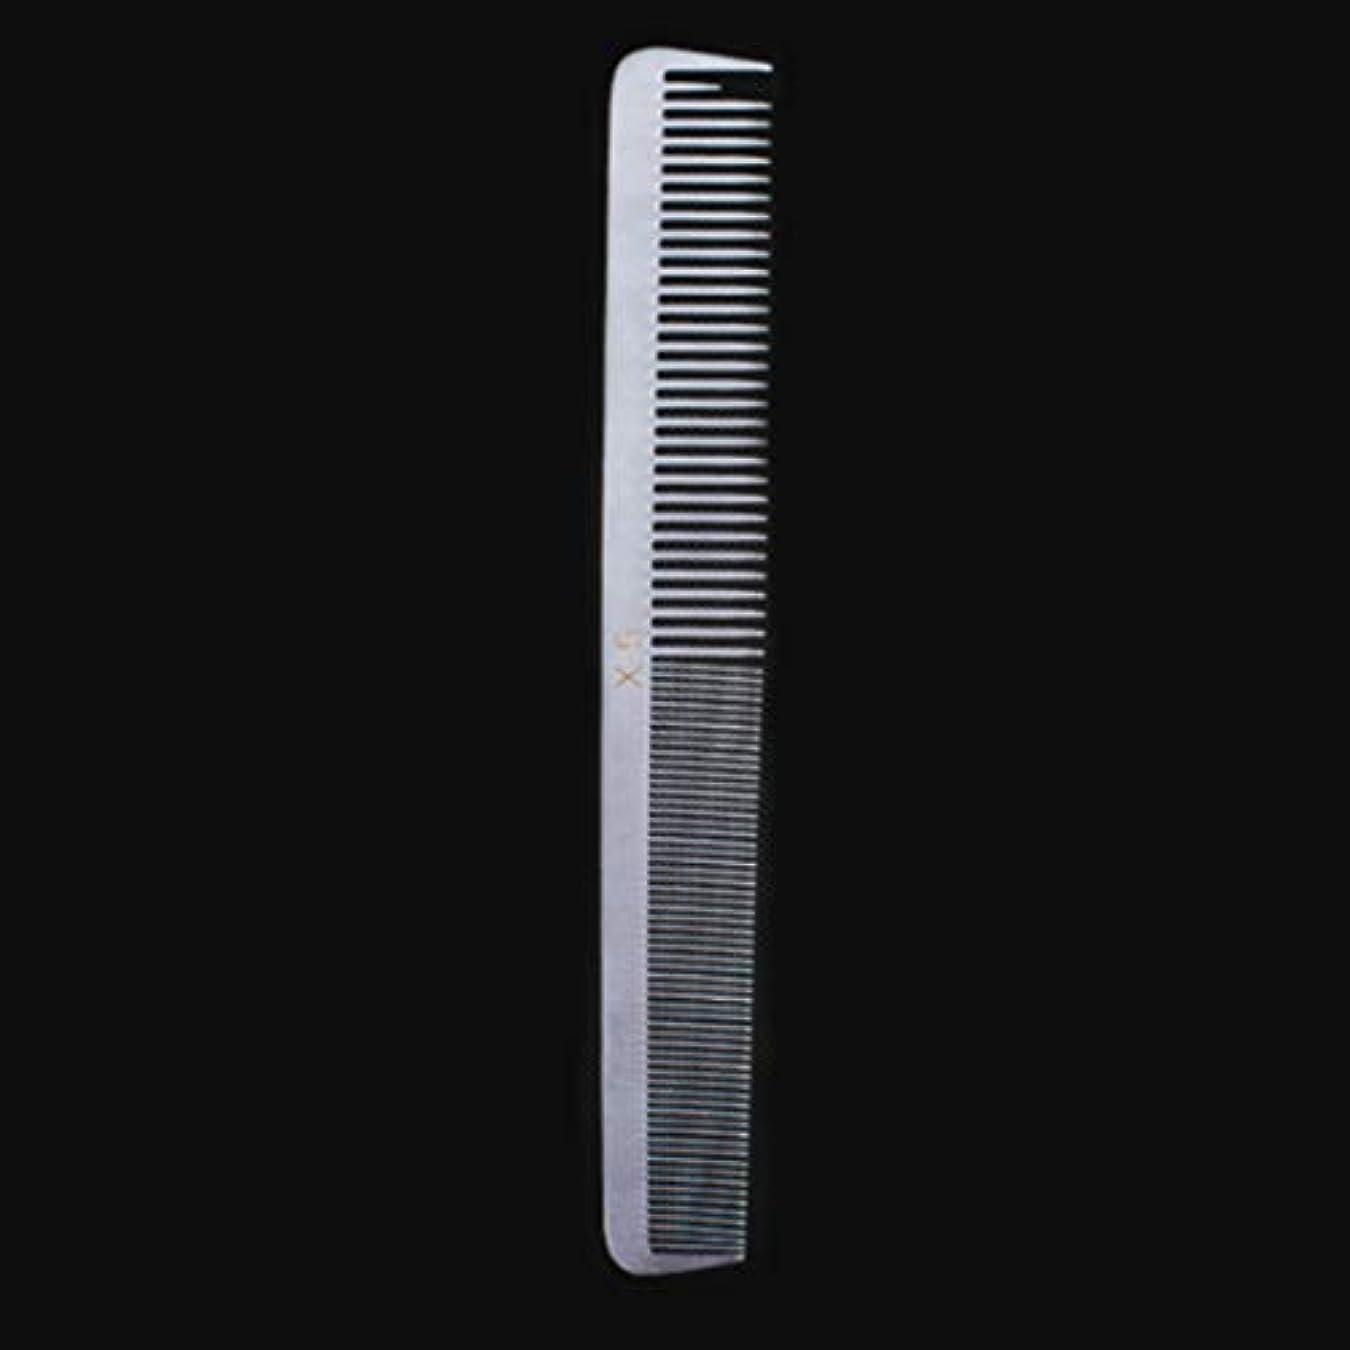 実行可能耐久個性特別な薄いステンレス鋼の毛の櫛、女性のための帯電防止櫛または人のための平らな毛との銀製の白さまざまな櫛 モデリングツール (サイズ : X5)